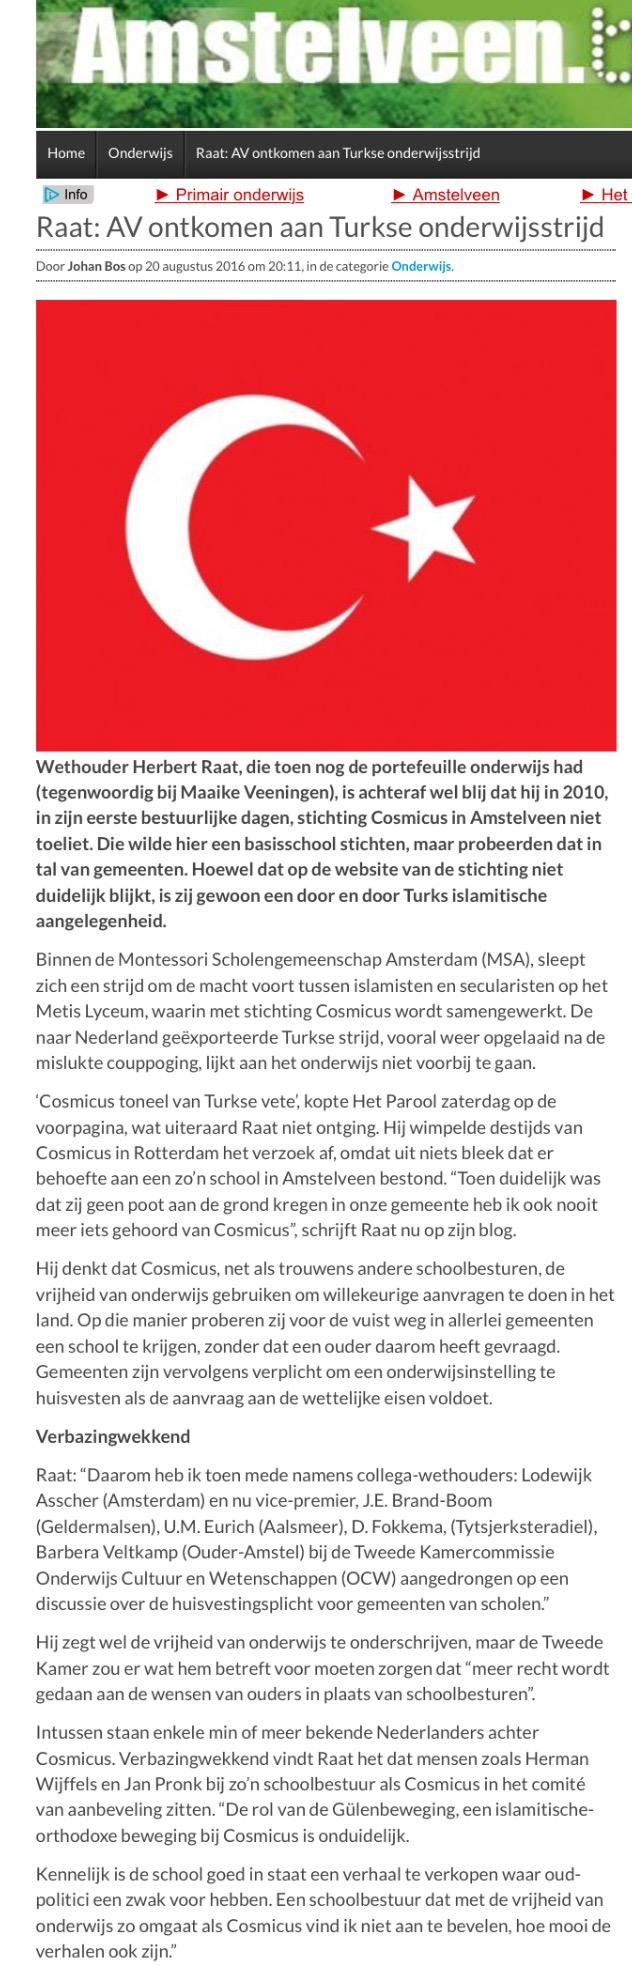 2016-20 augustus Amstelveenblog.nl: Herbert Raat over Cosmicus Amstelveen